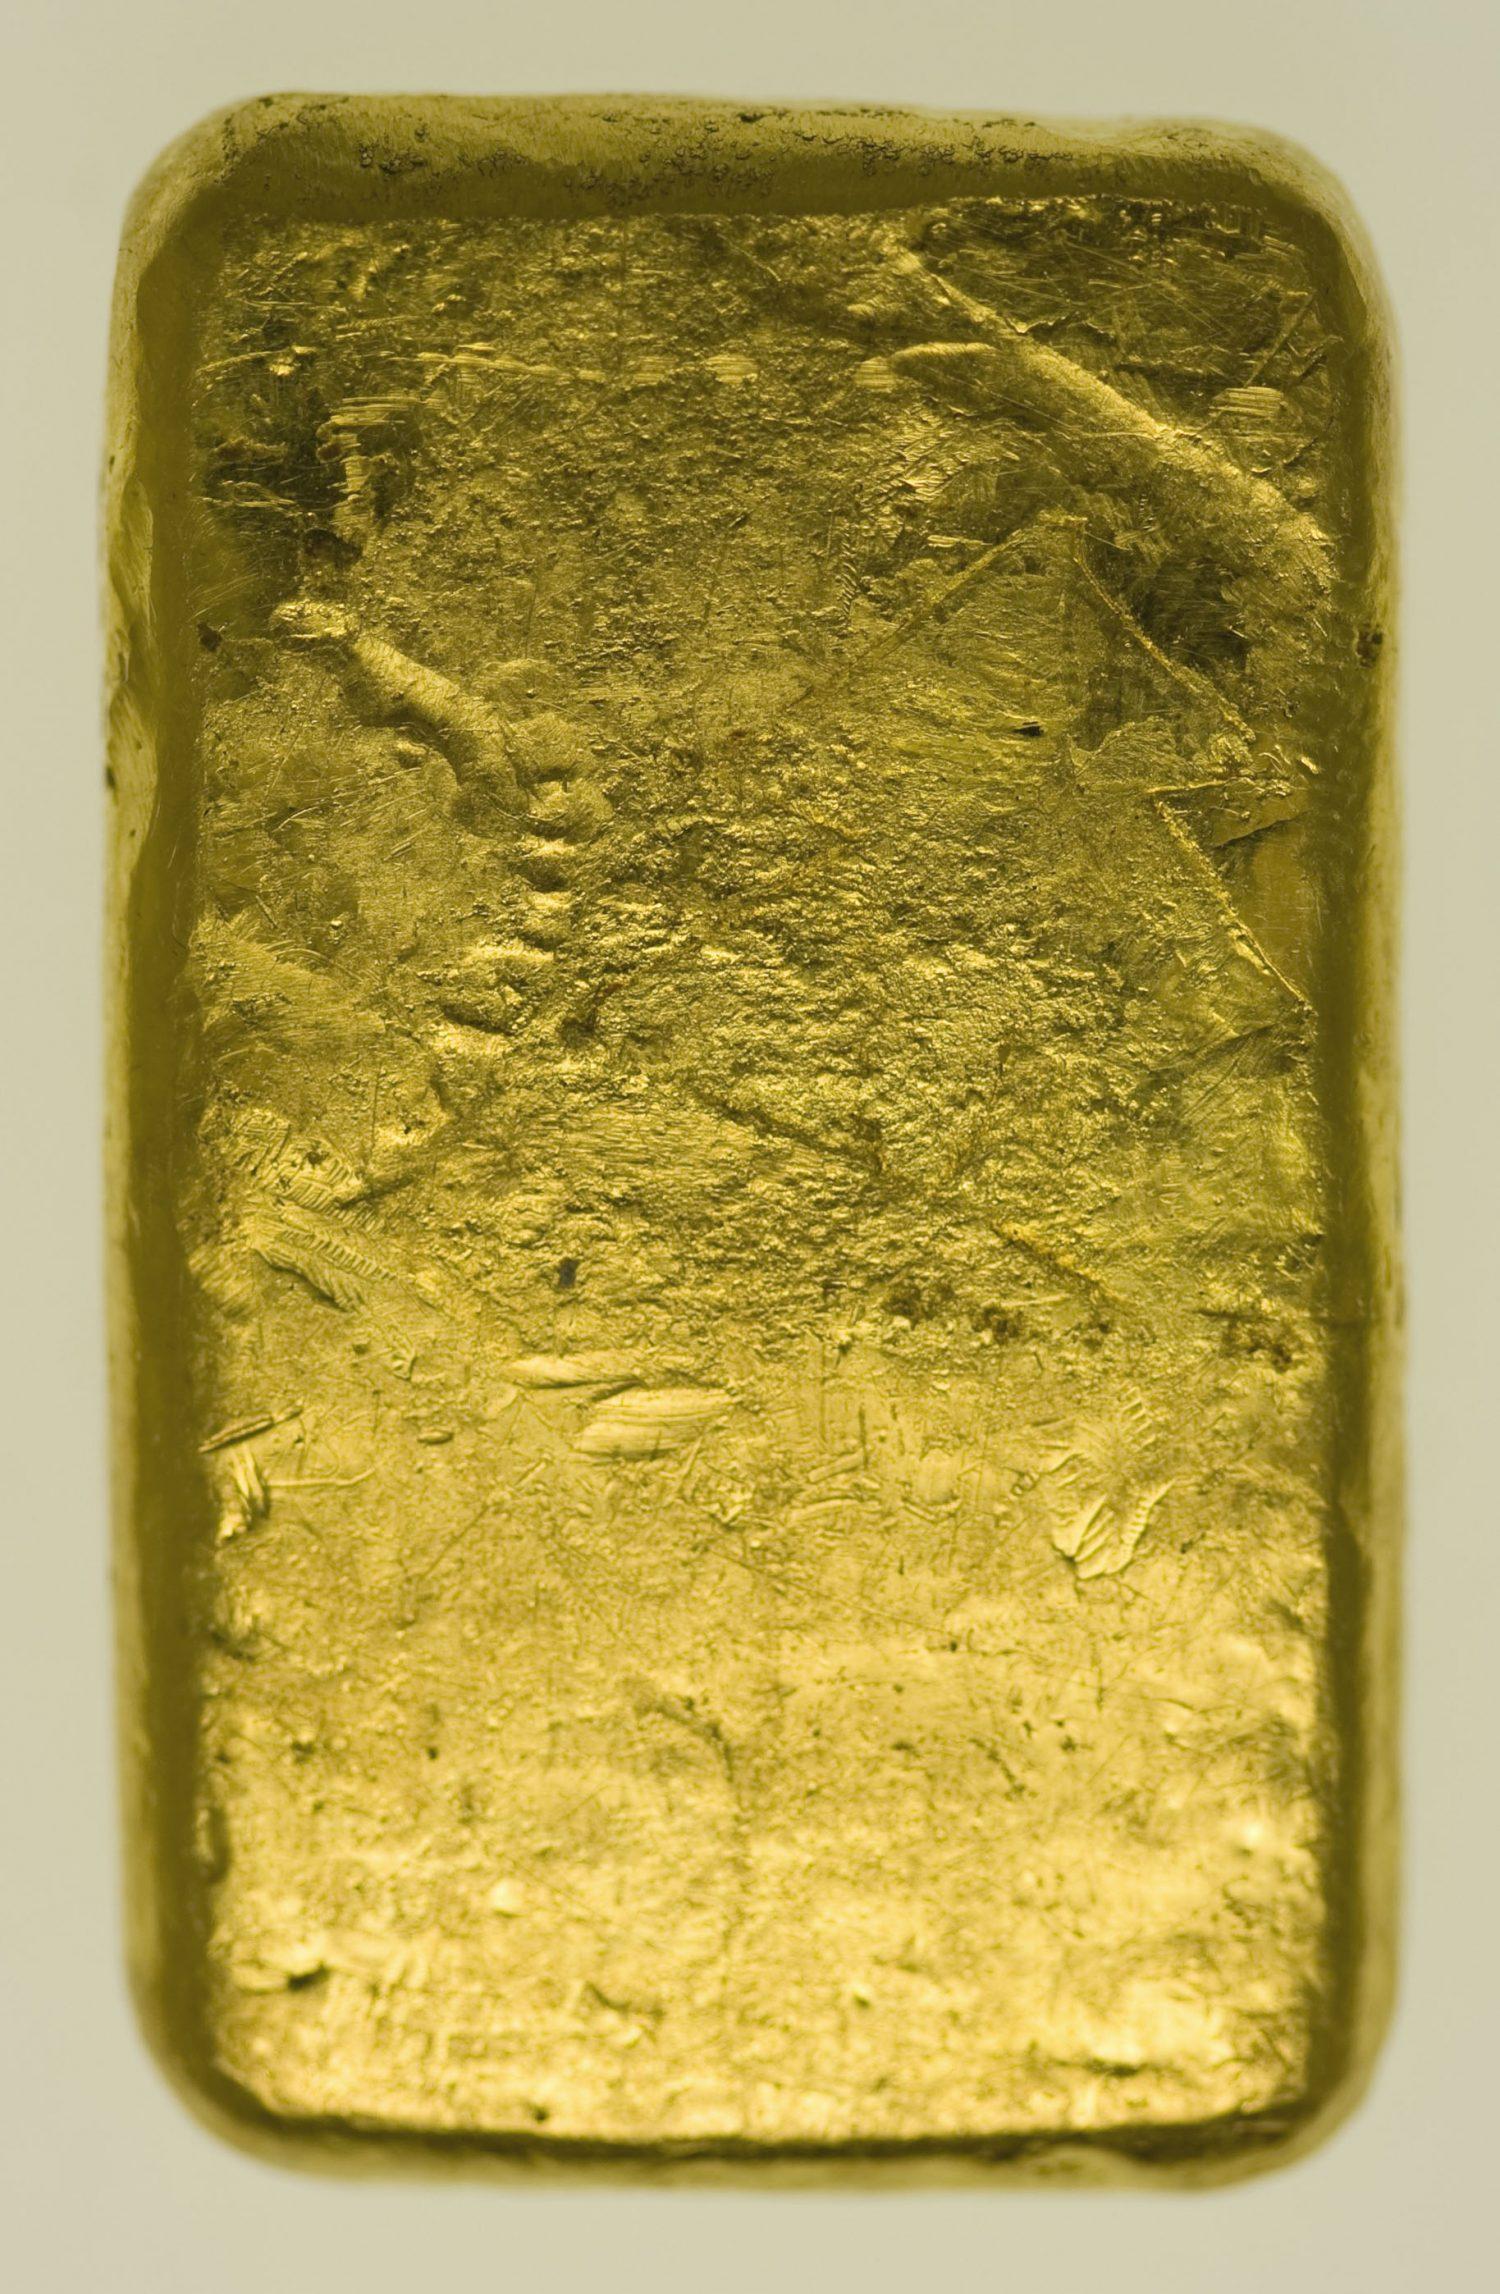 goldbarren - Goldbarren 100 GrammBuggenhout